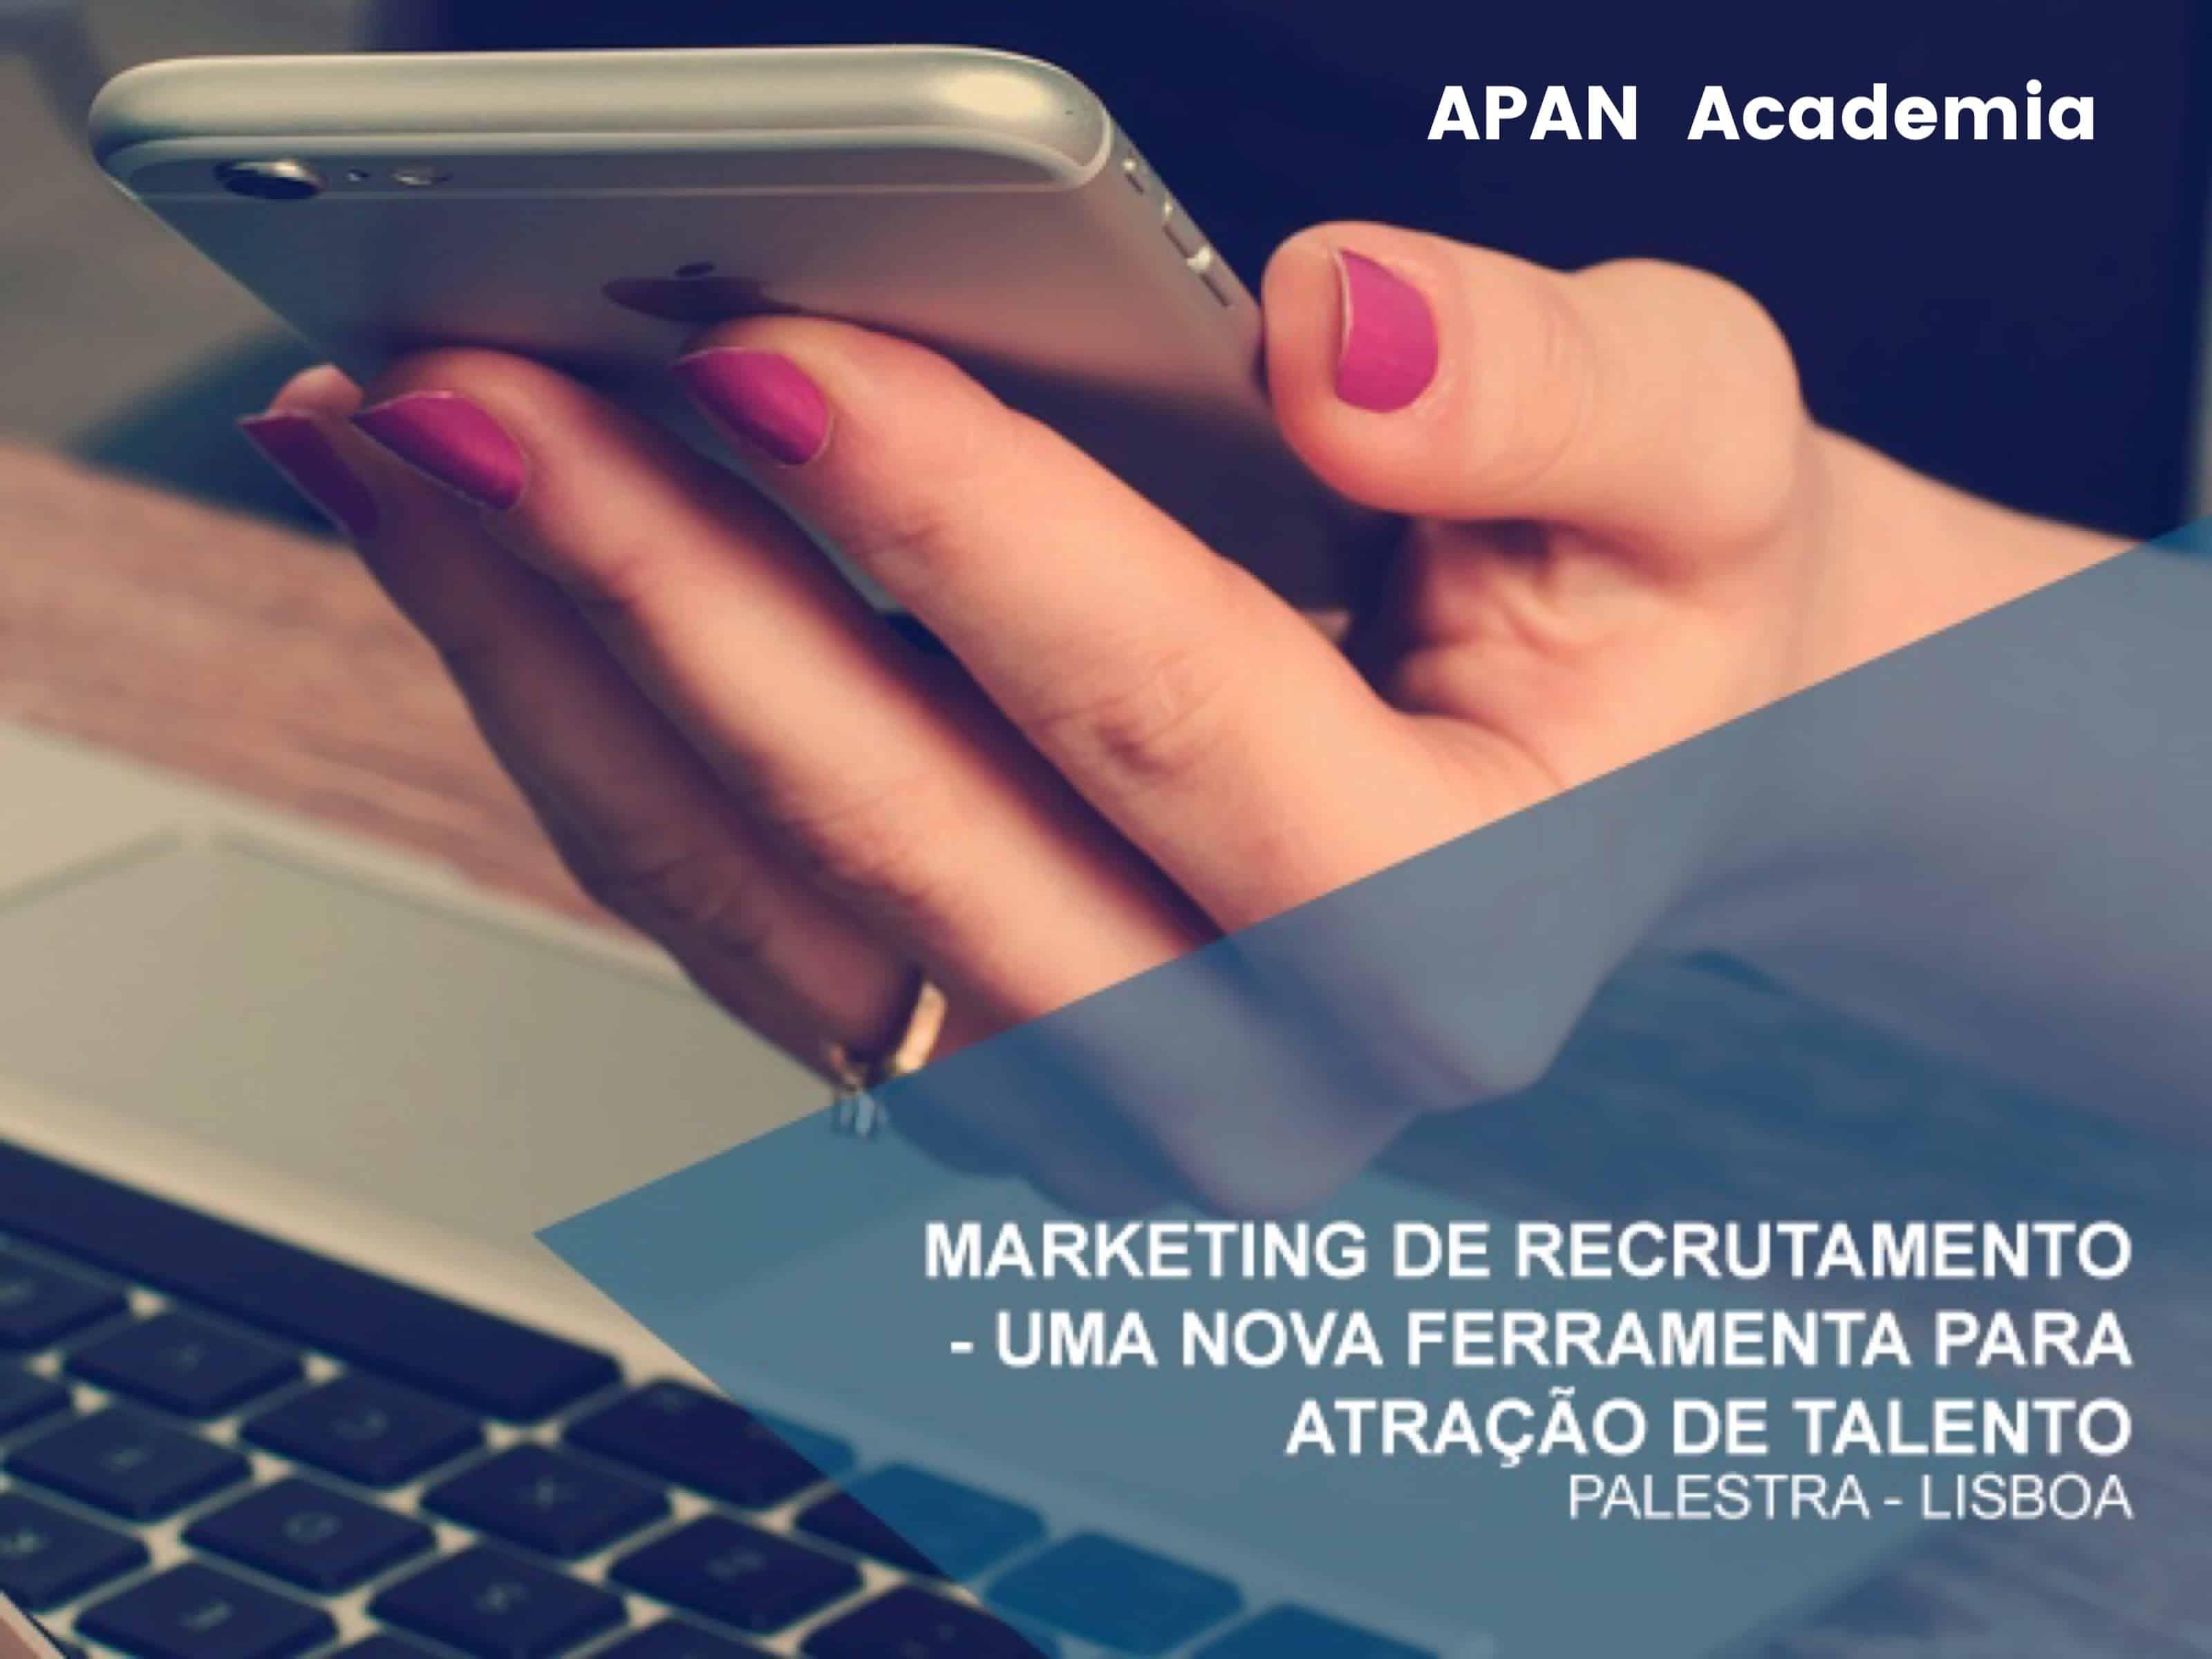 |Marketing de Recrutamento - Uma Nova Ferramenta para Atração de Talento